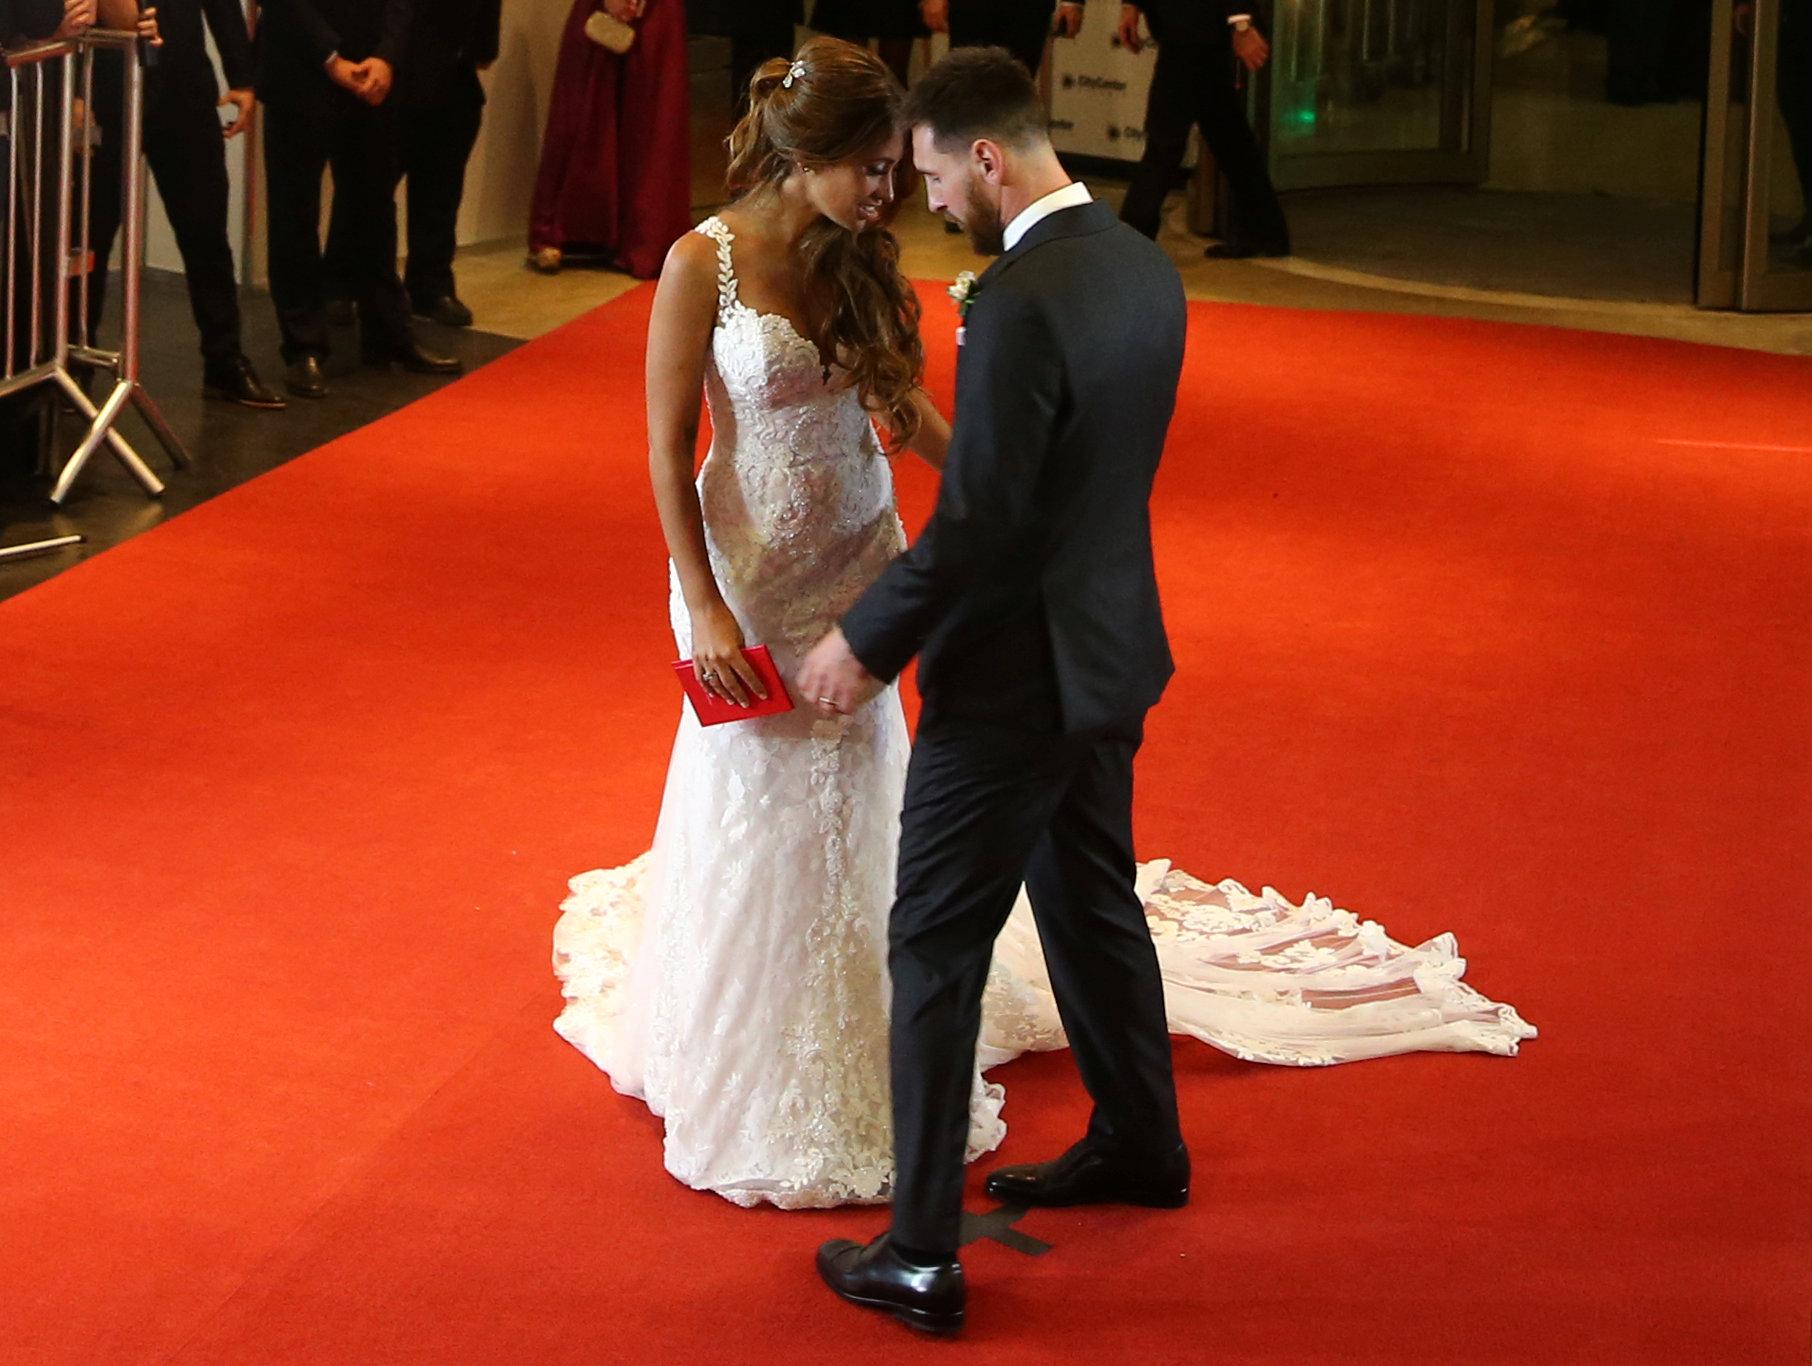 Matrimonio Messi : A anni le scrisse quot diventerai mia moglie messi e